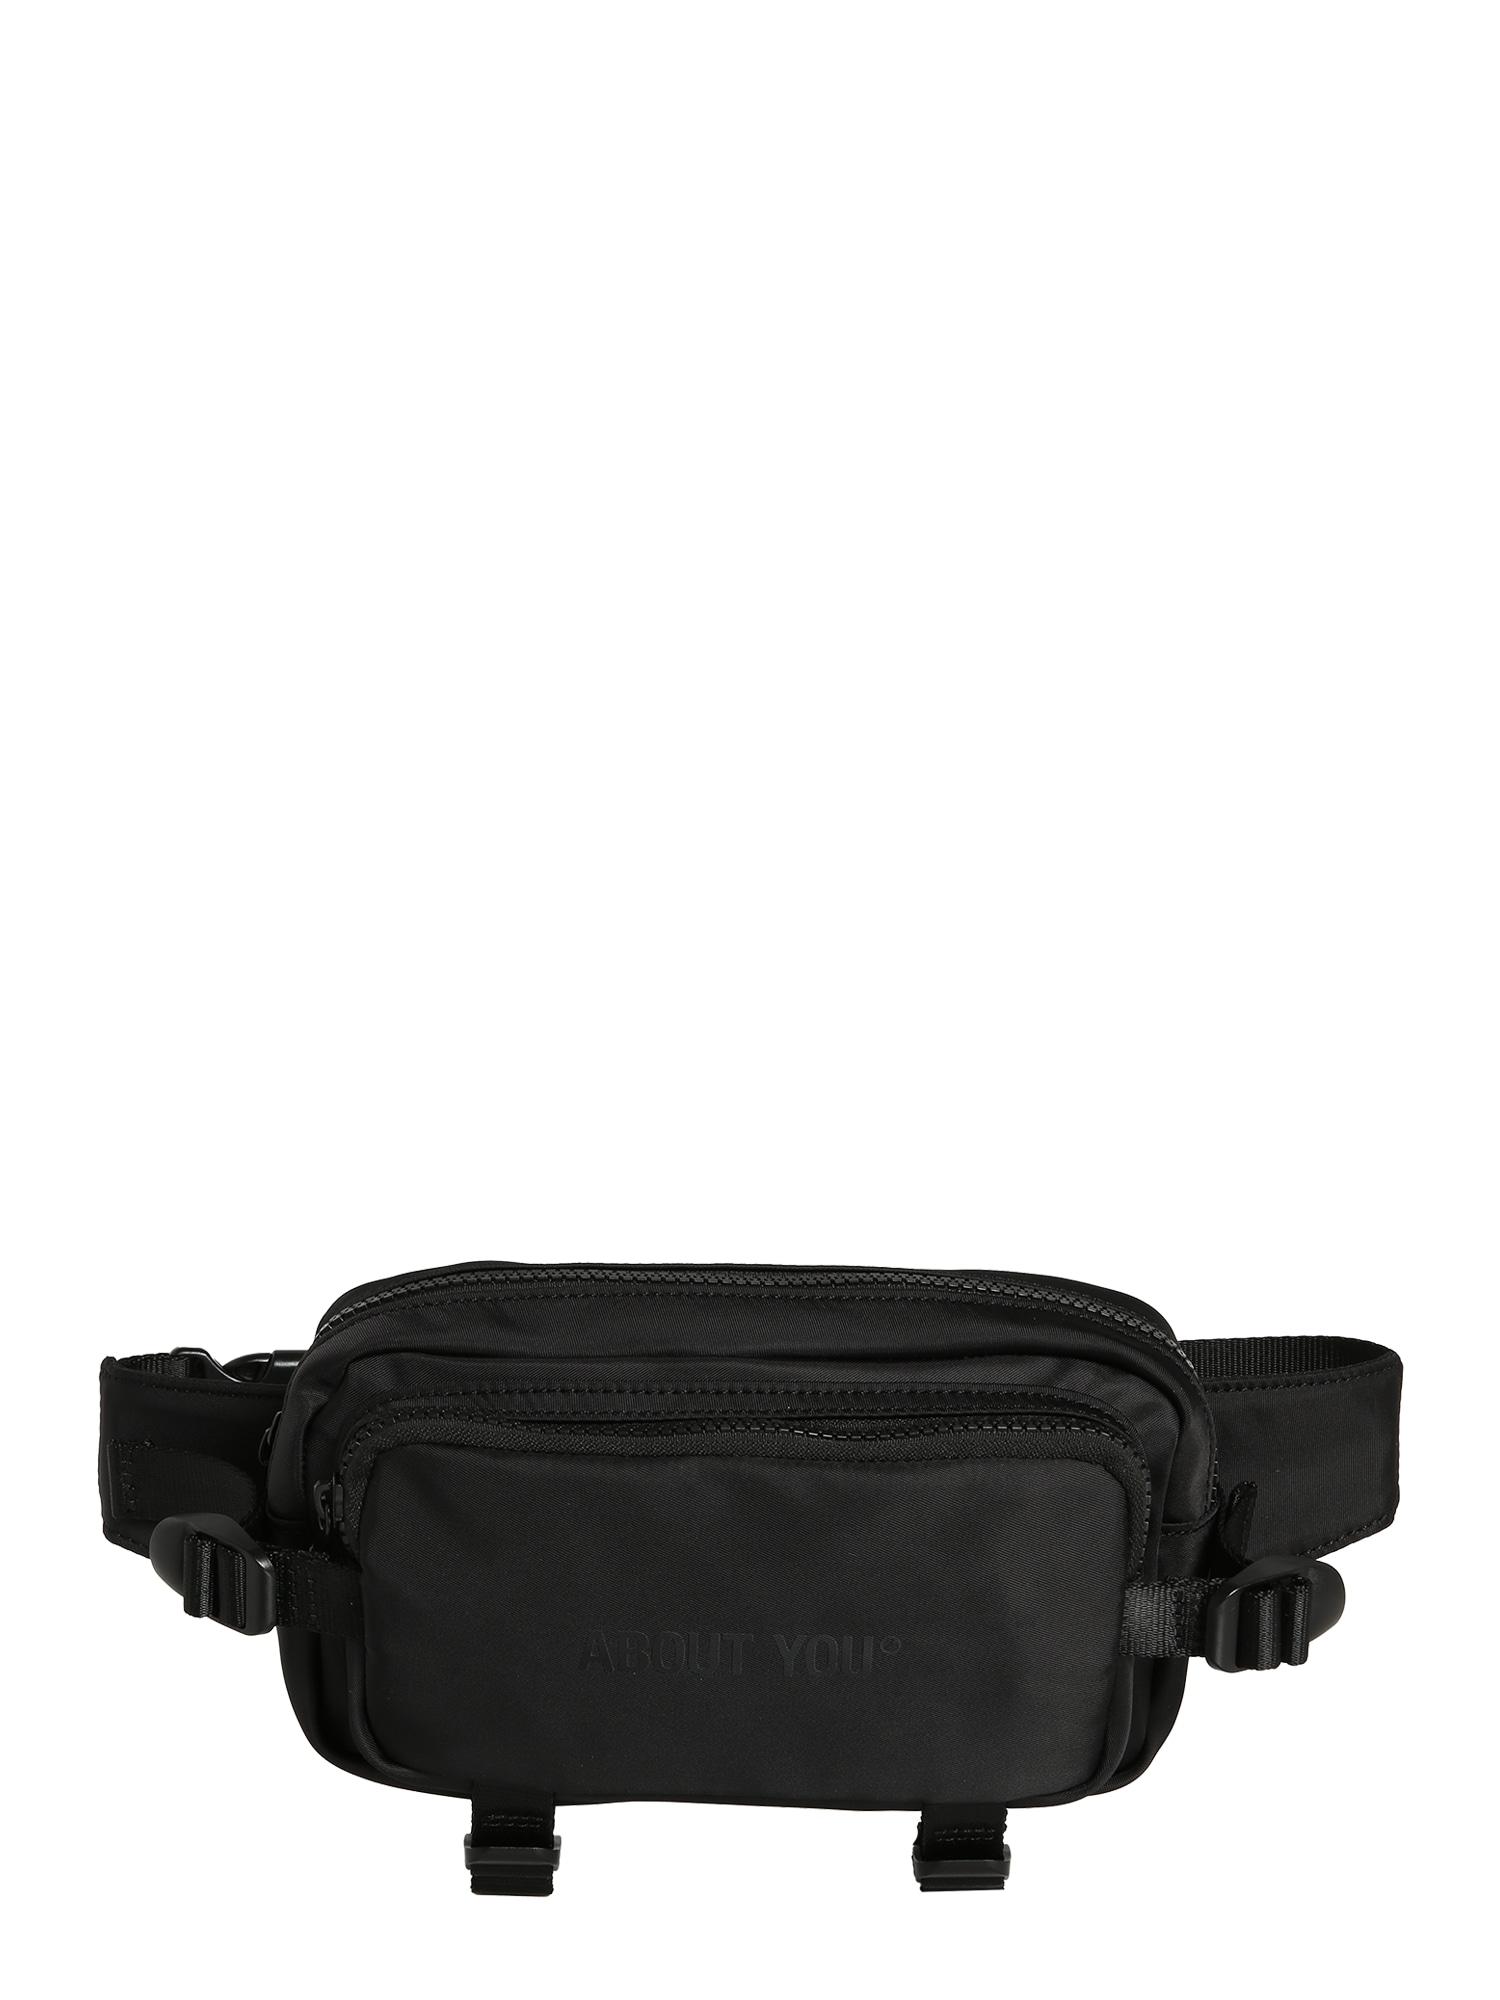 Tašky & batohy